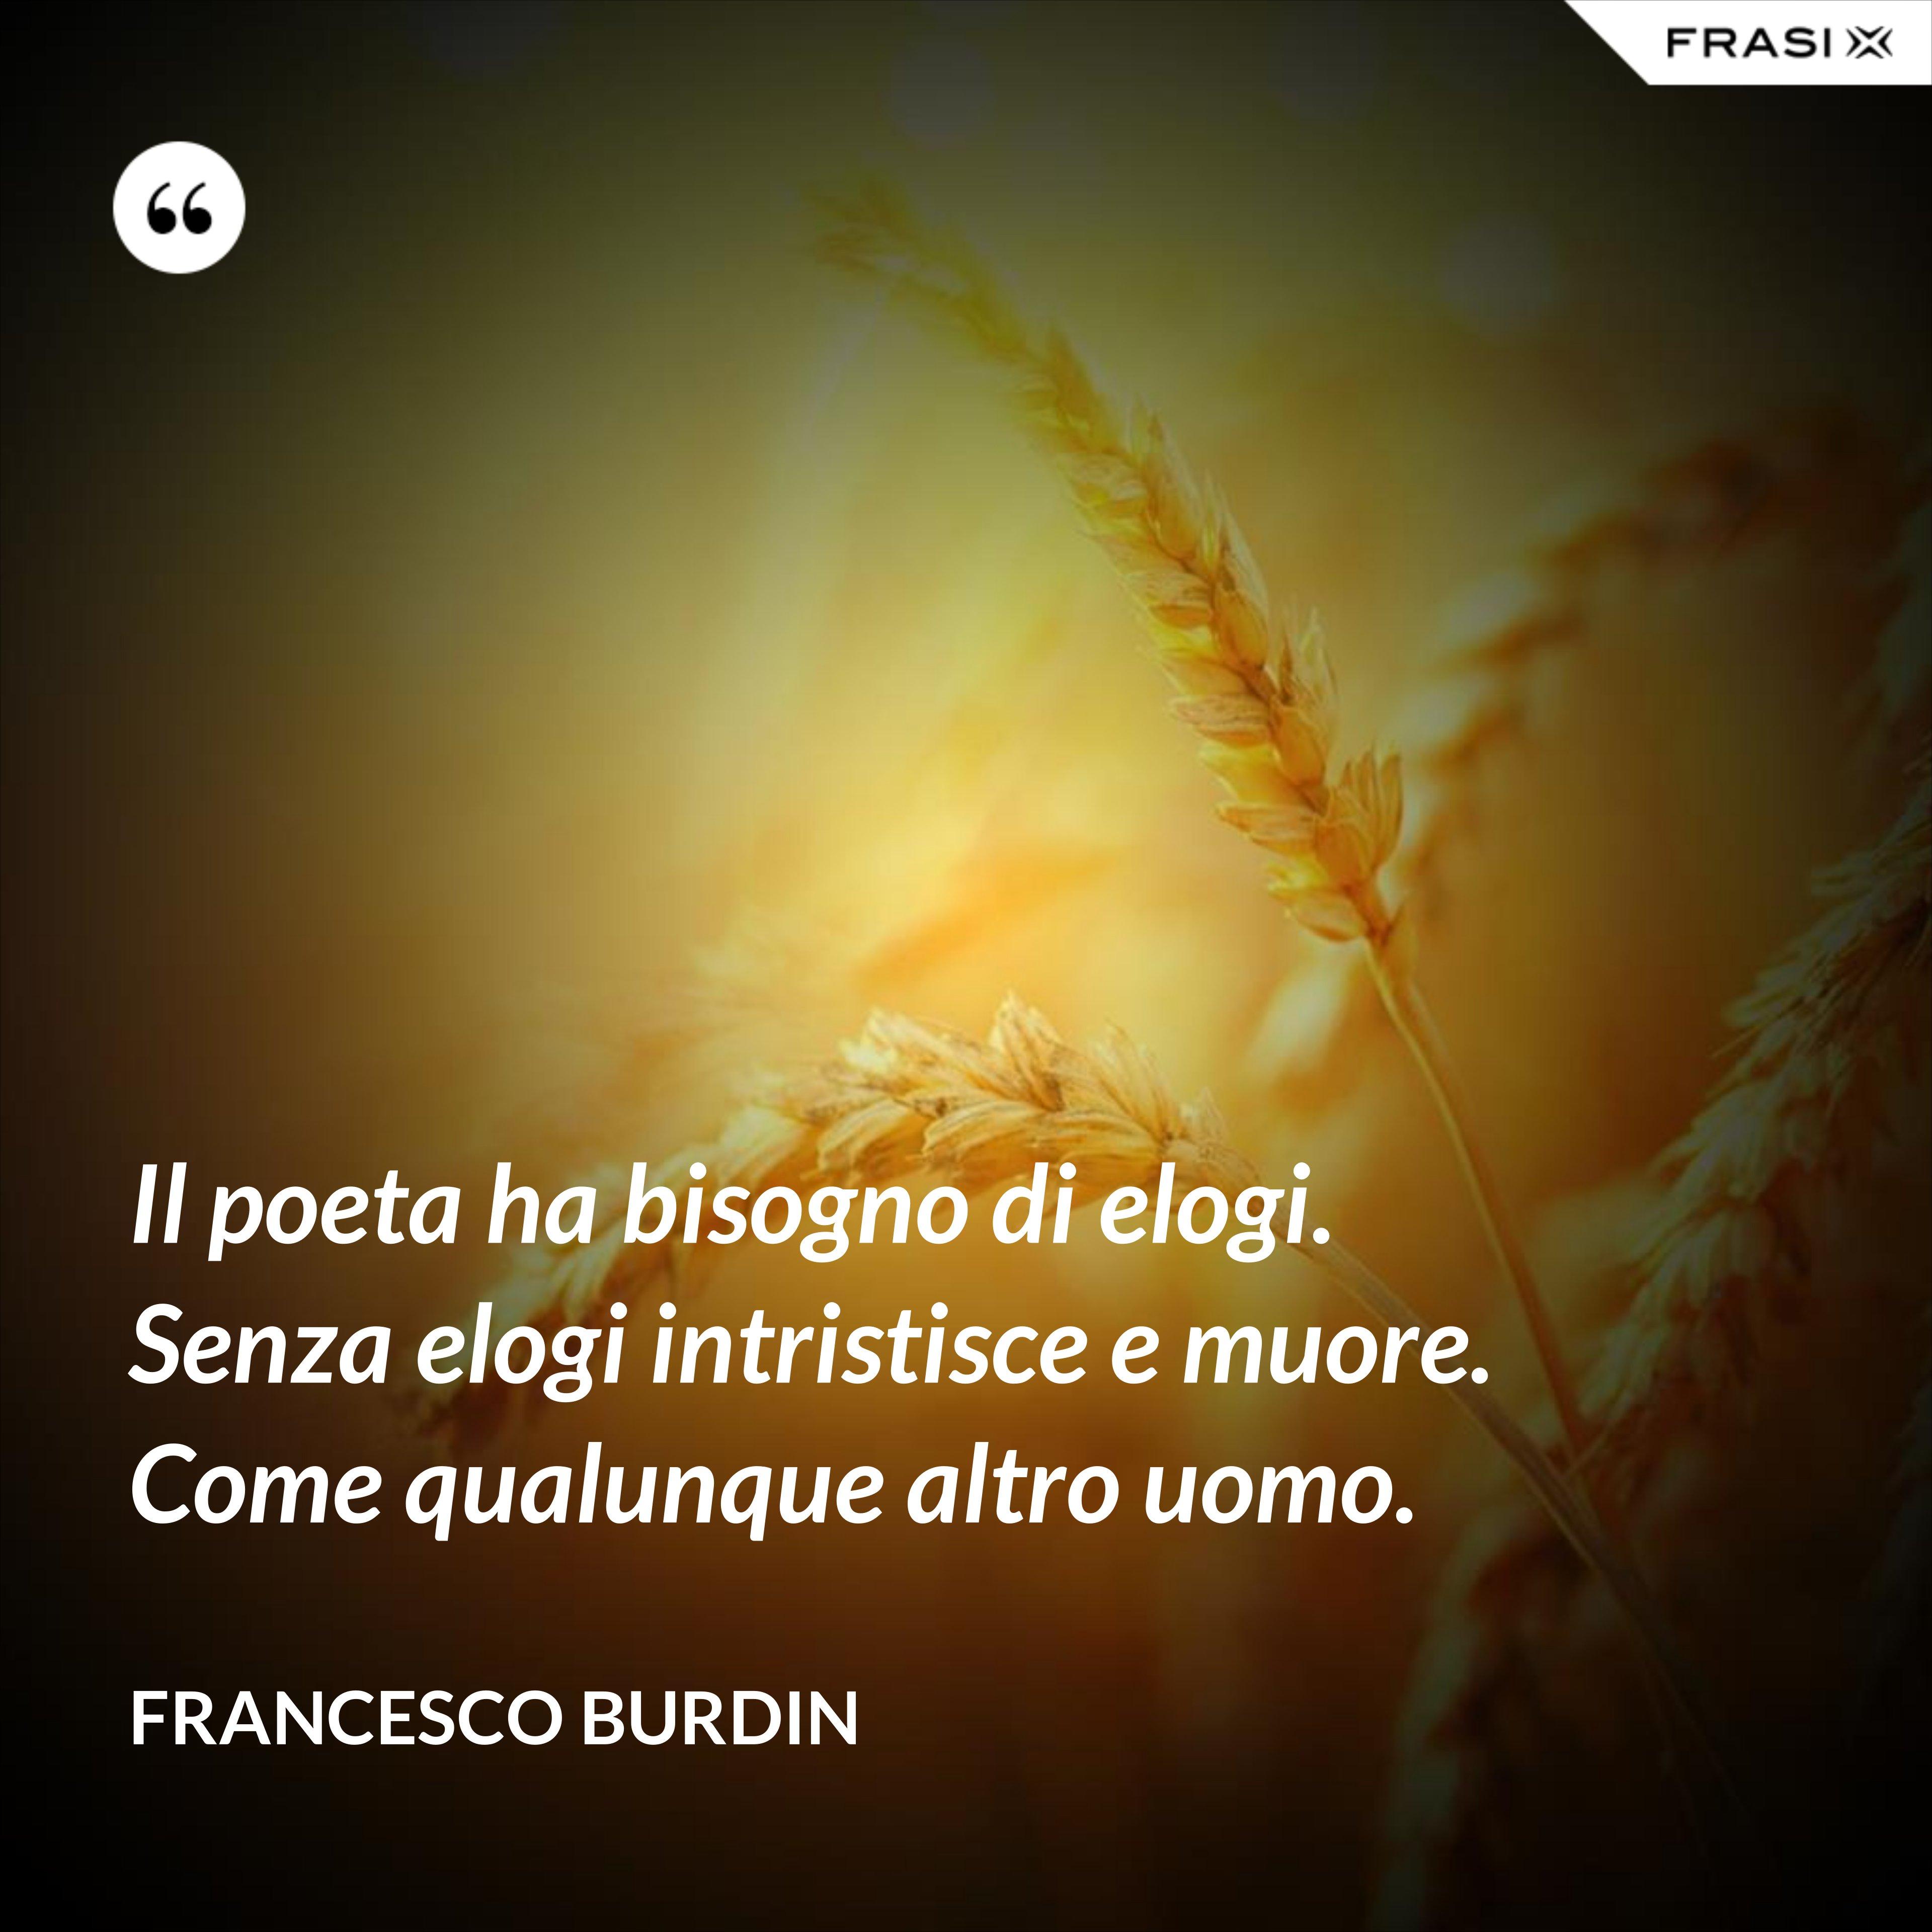 Il poeta ha bisogno di elogi. Senza elogi intristisce e muore. Come qualunque altro uomo. - Francesco Burdin